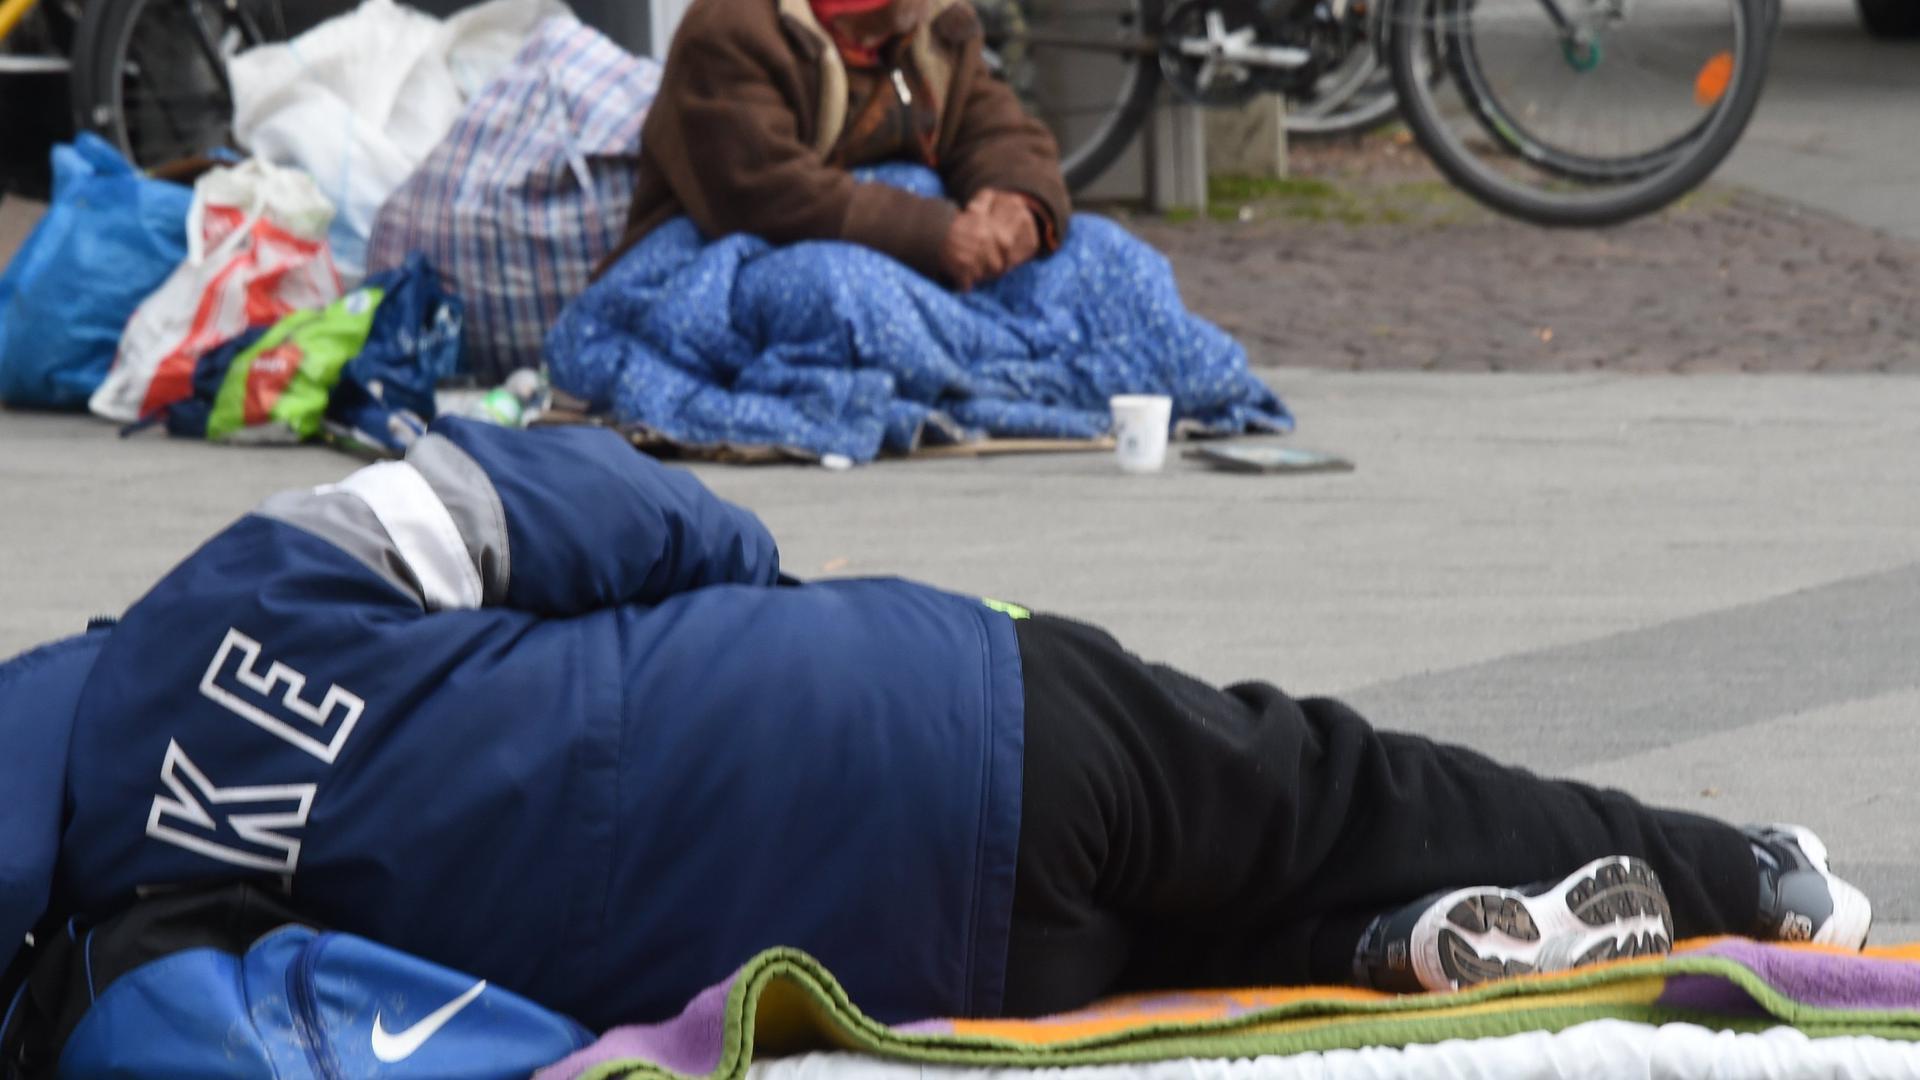 Lebt ein Mensch bereits auf der Straße, ist die Hilfe schwer: Der Landkreis Karlsruhe hat ein Konzept aufgelegt, mit dem Obdachlosigkeit rechtzeitig verhindert werden soll. Zwölf Kommunen beteiligen sich an dem vorerst befristeten Projekt.